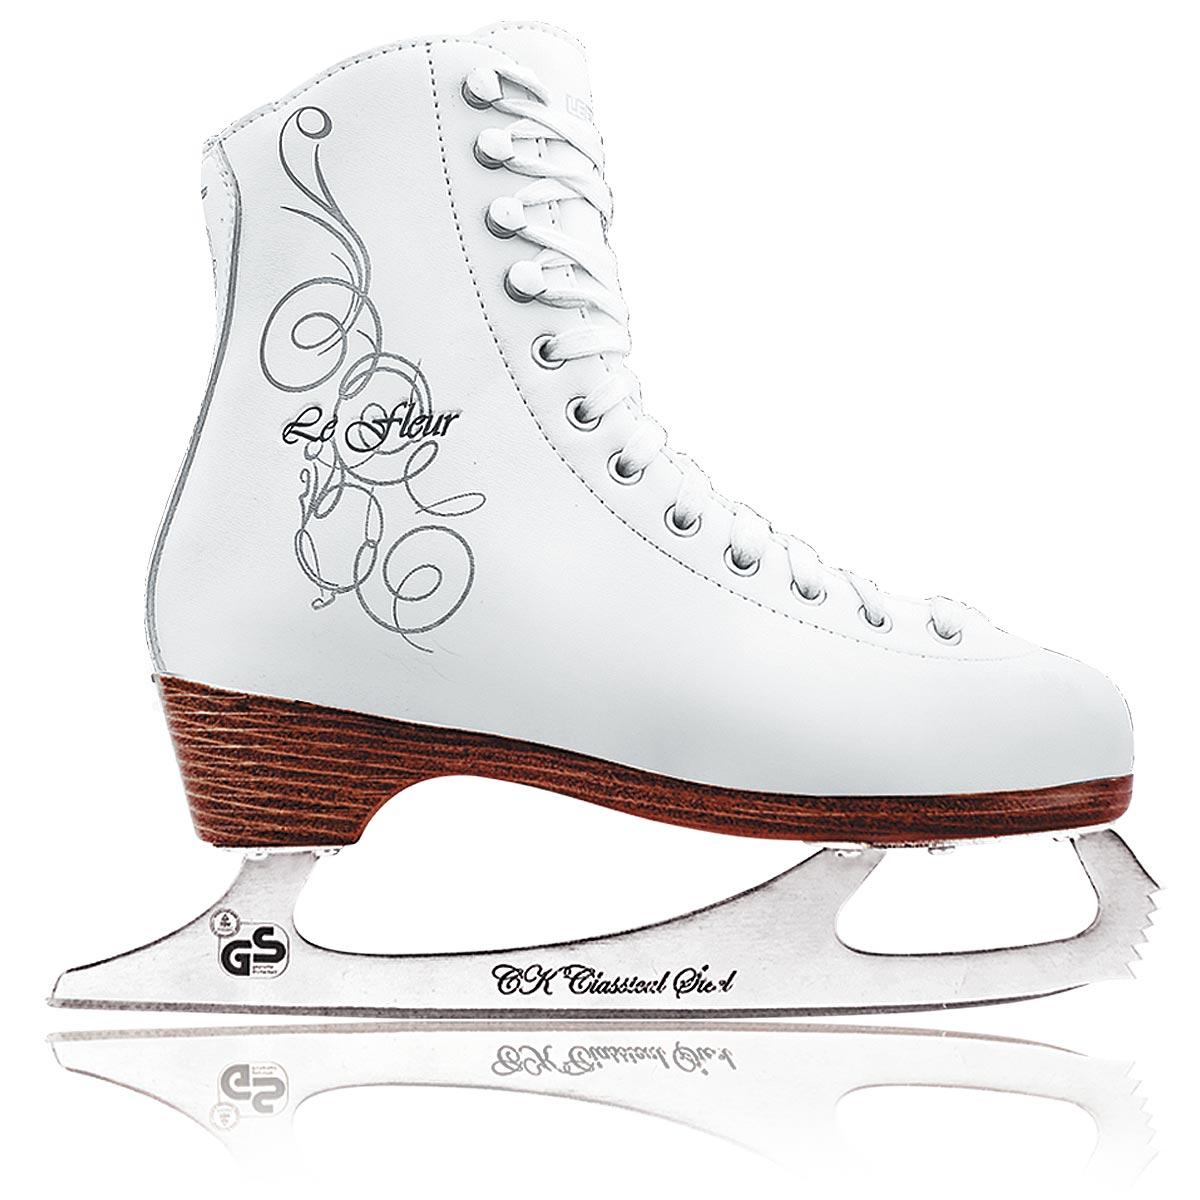 Коньки фигурные женские СК Le Fleur Leather 100%, цвет: белый, серебряный. Размер 40 коньки фигурные для девочки ск le fleur leather 100